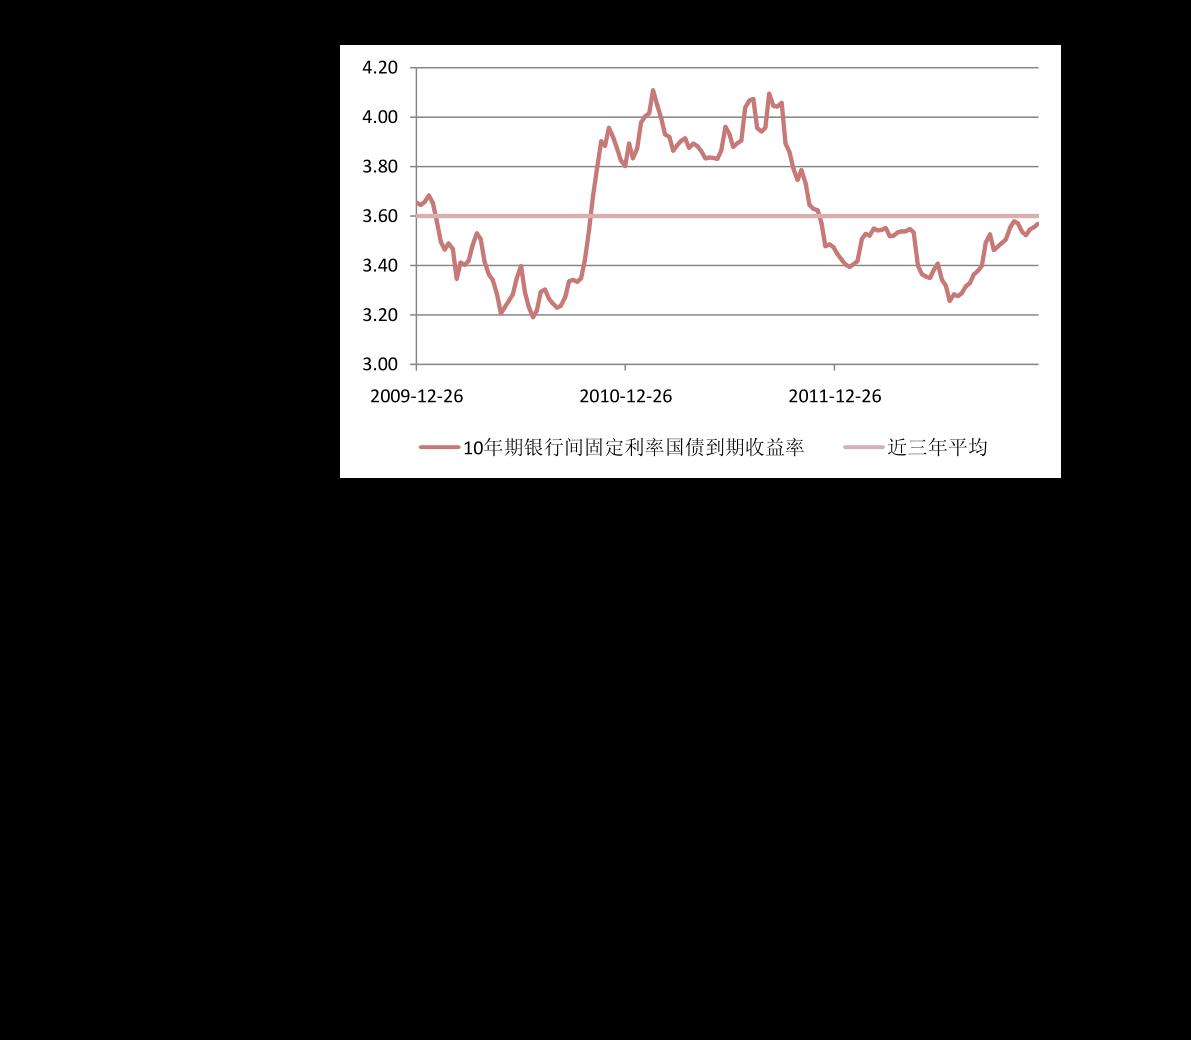 华宝雷火电竞平台-私募基金月报:外资私募已达30家,管理雷火竞猜app策略表现稳健-201016